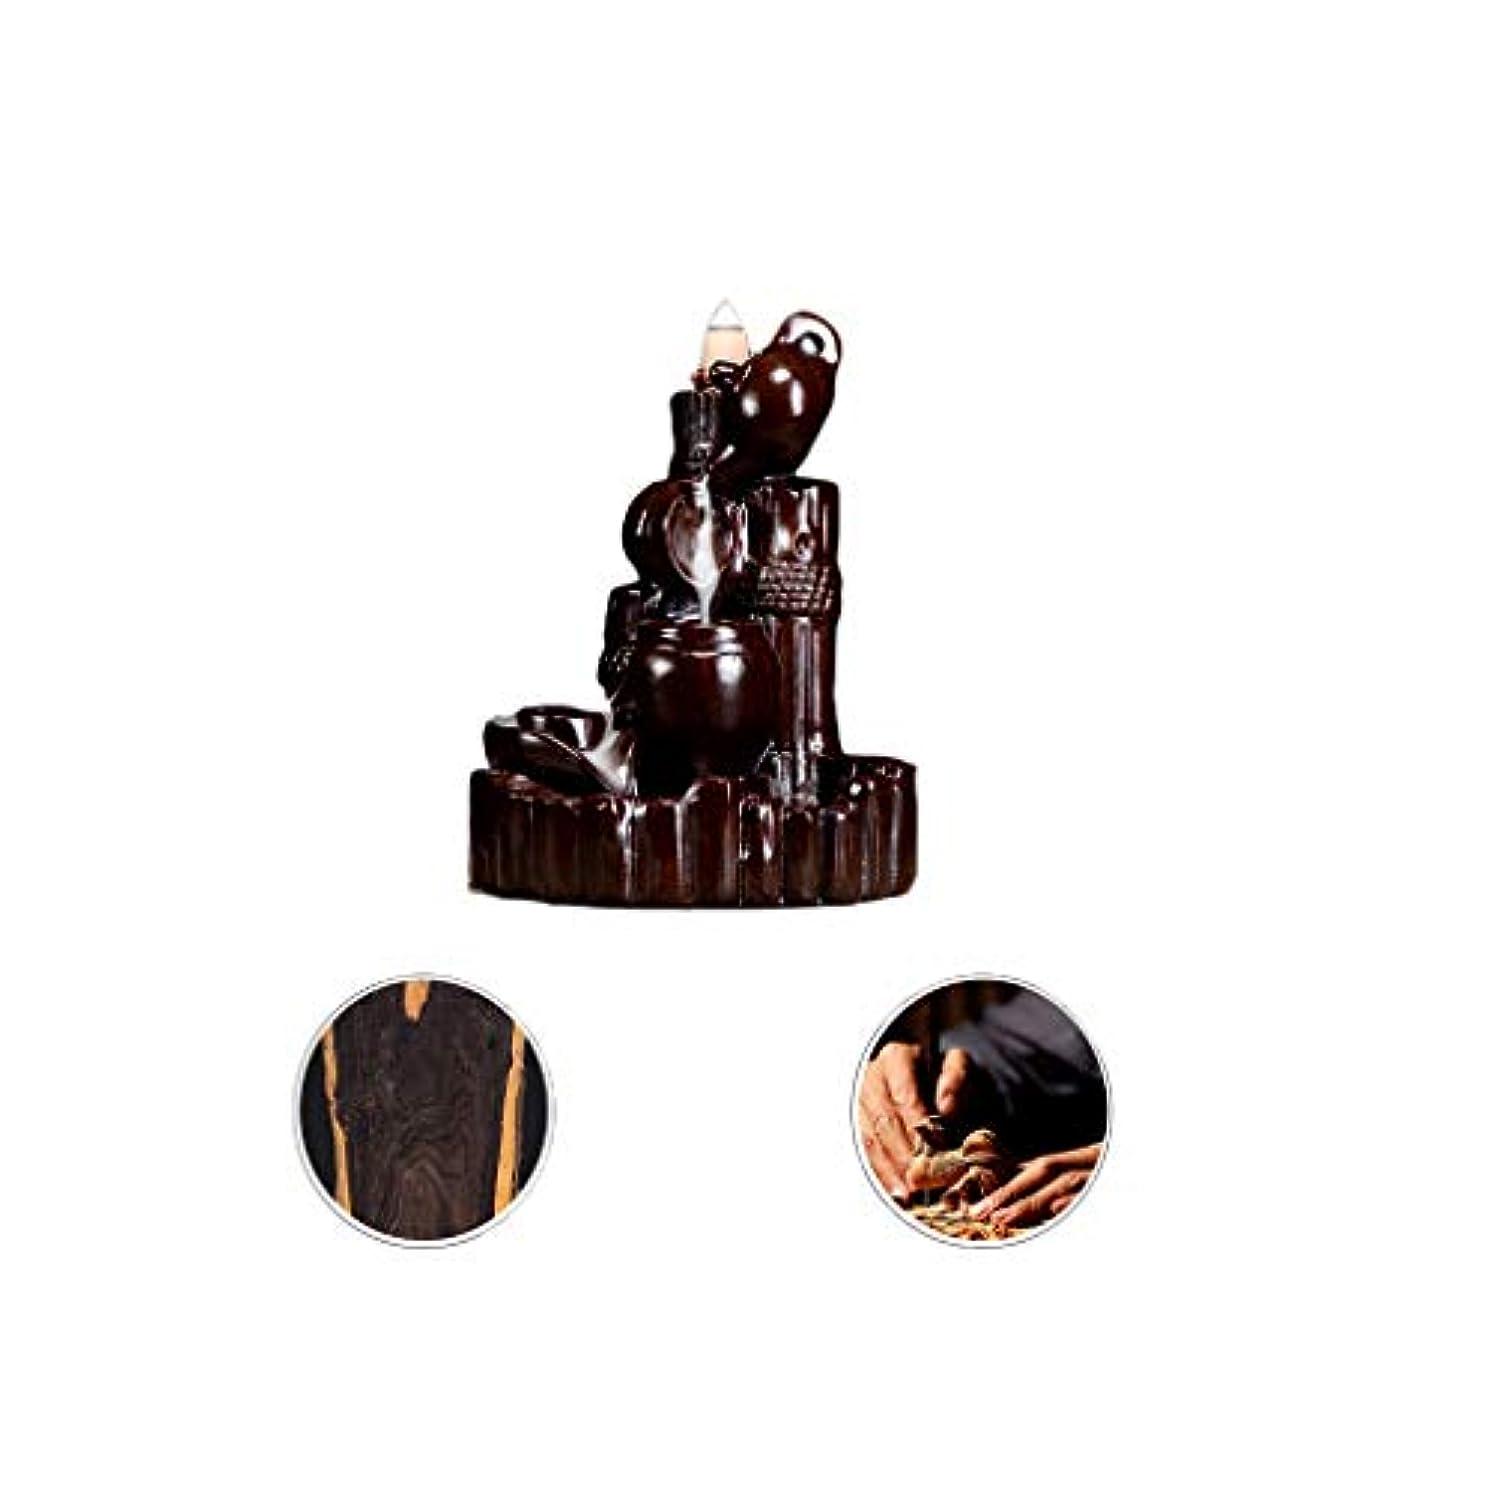 オーナメント調査変位芳香器?アロマバーナー 逆流香新古典香炉木製黒檀香バーナーアロマテラピー炉 アロマバーナー (Color : Black and ebony)